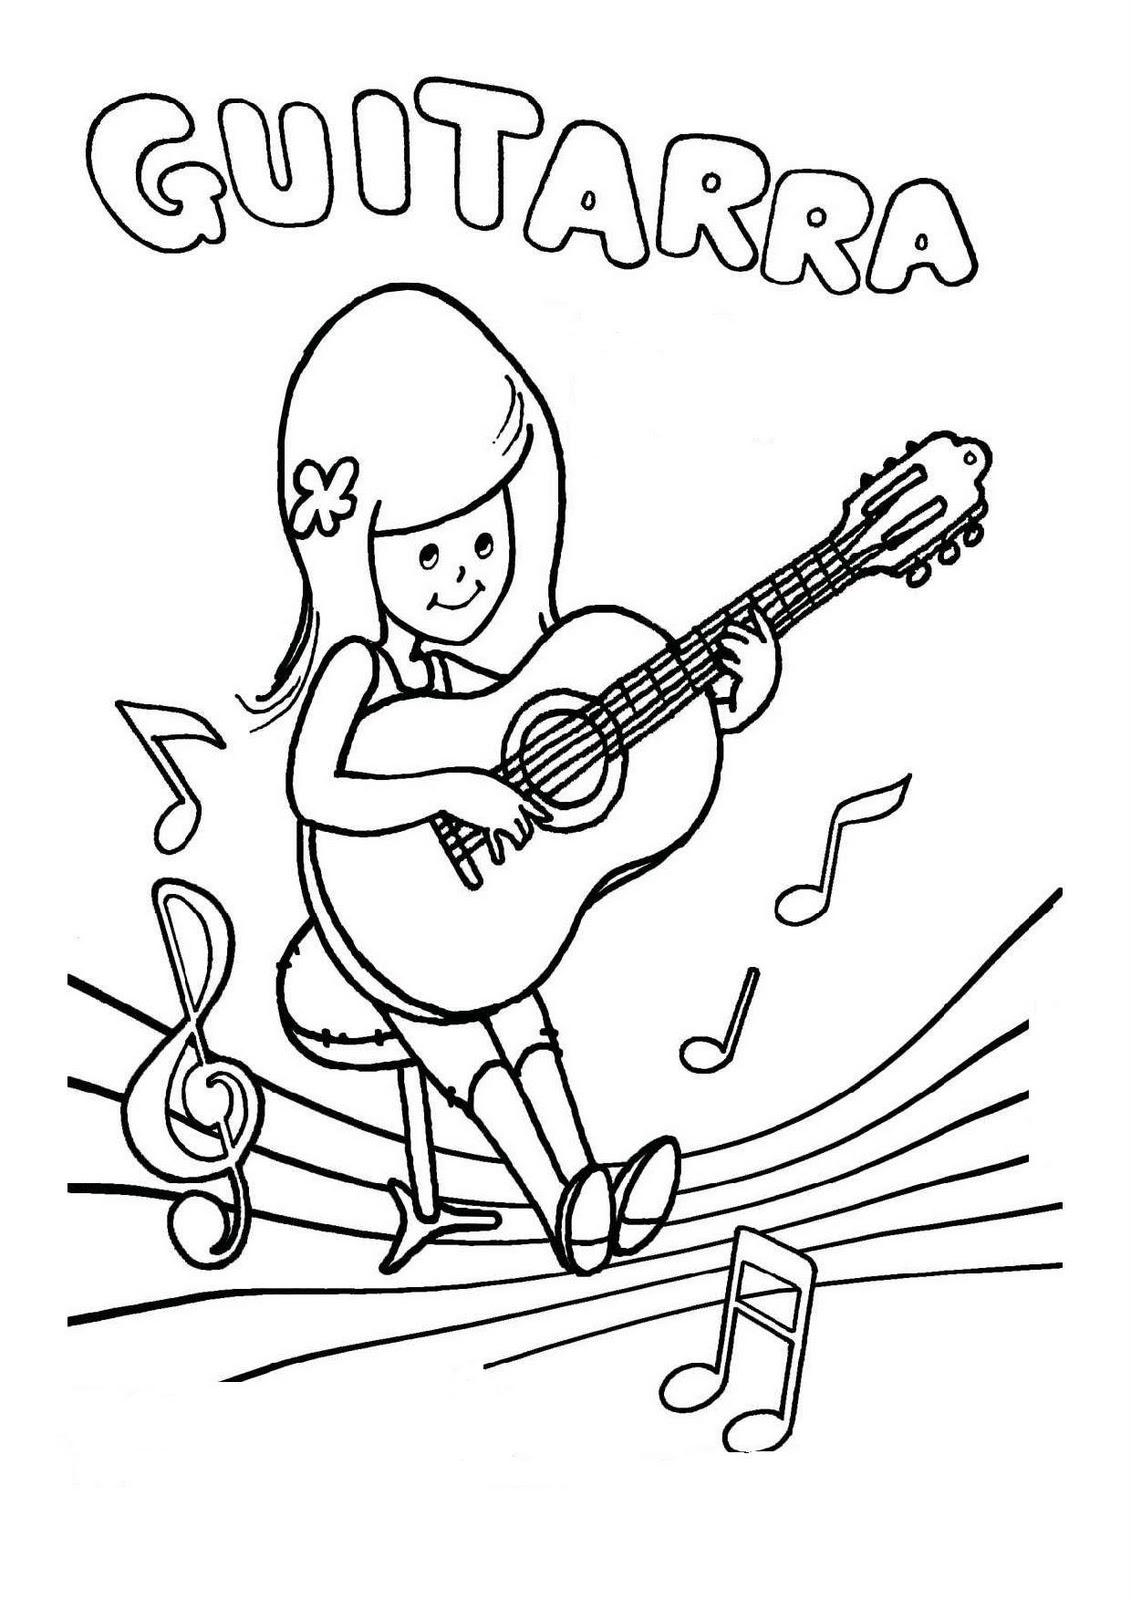 Mi coleccin de dibujos Dibujos de instrumentos msicales